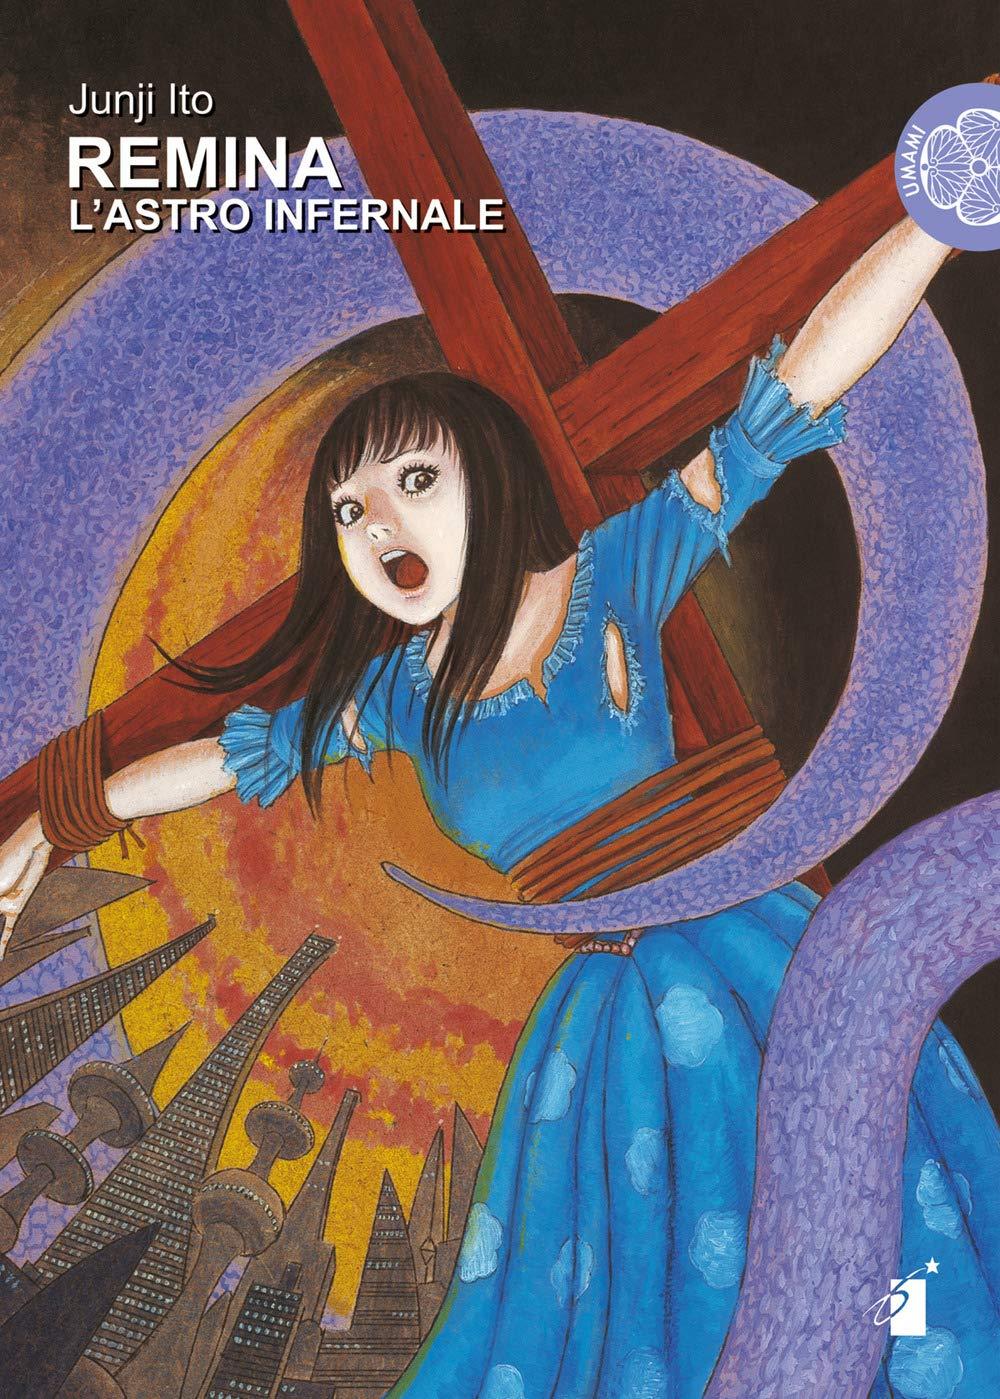 L'astro infernale. Remina Copertina flessibile – 28 nov 2018 Junji Ito L' astro infernale. Remina Star Comics 8822611365